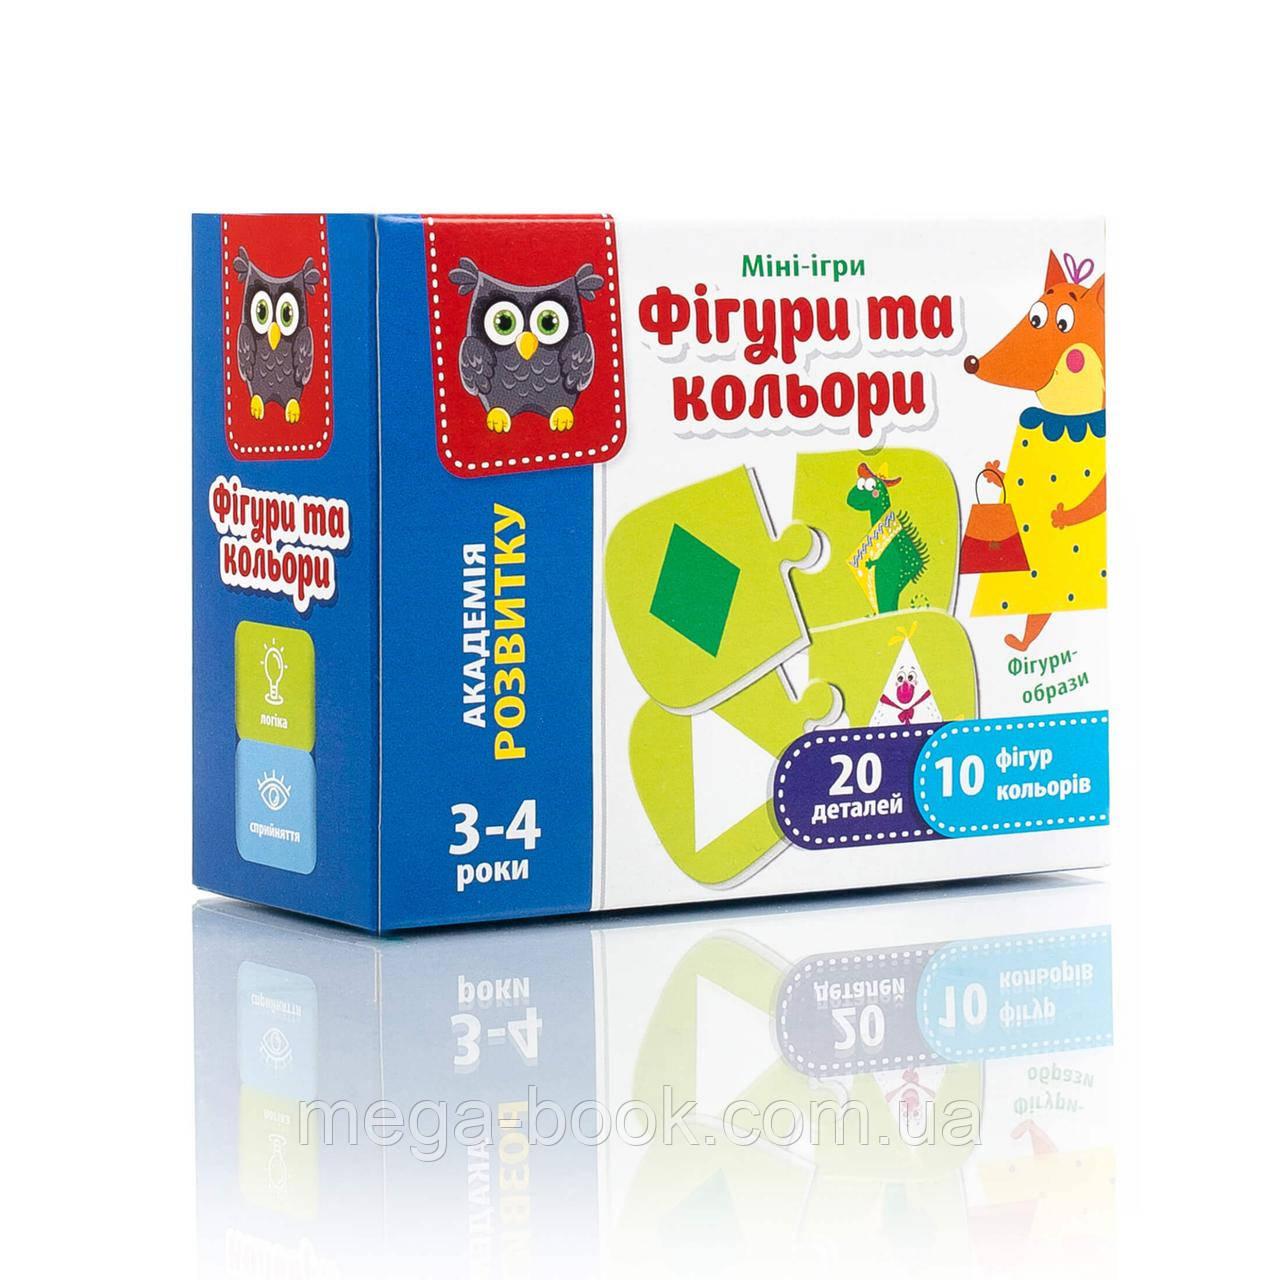 Міні-ігри «Фігури та кольори». Академія розвитку